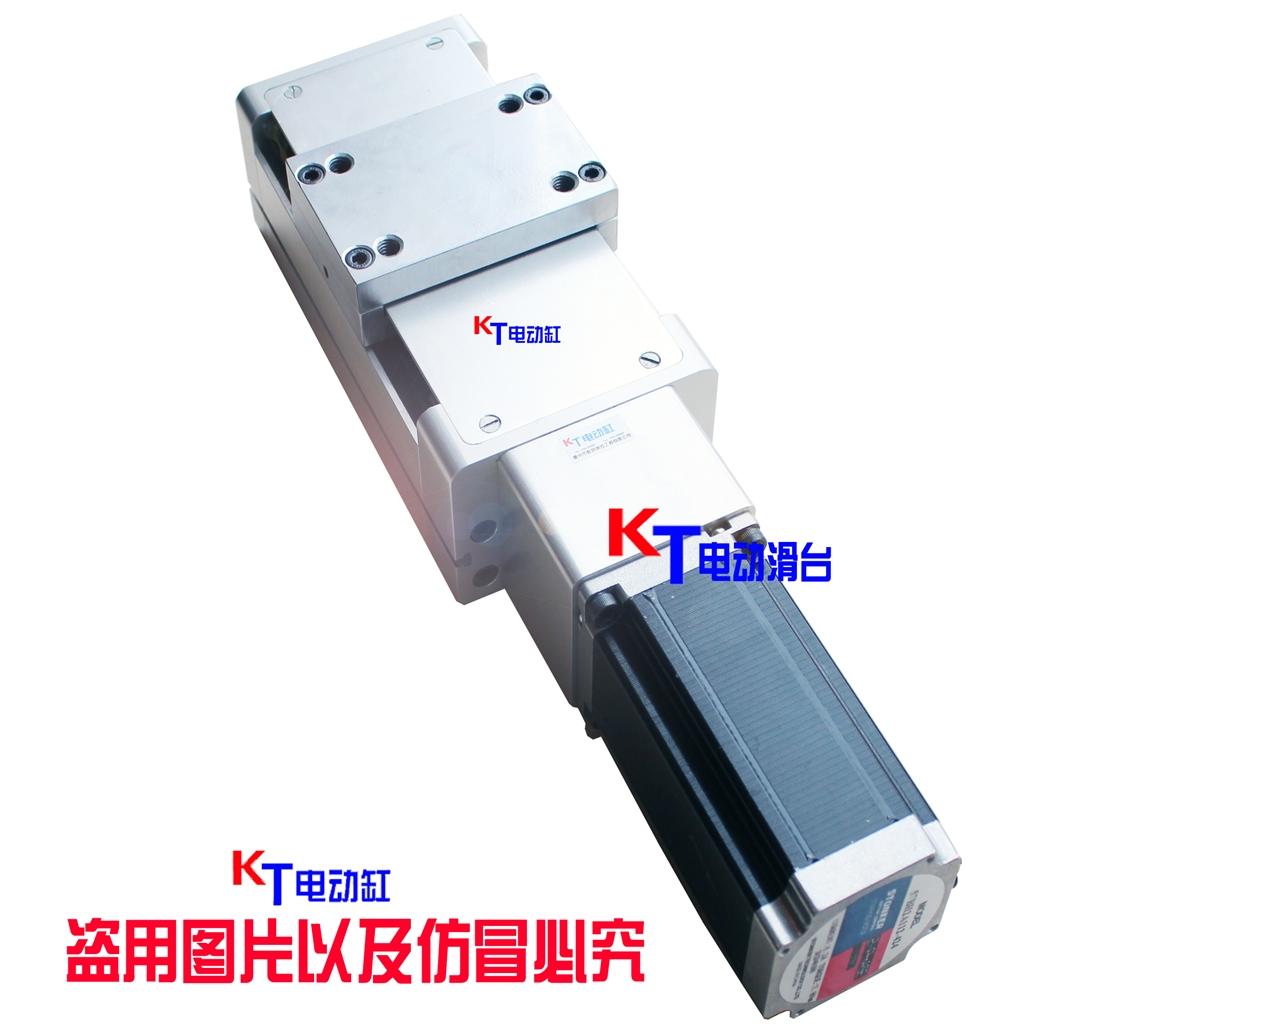 KT電動滑台—滑台式